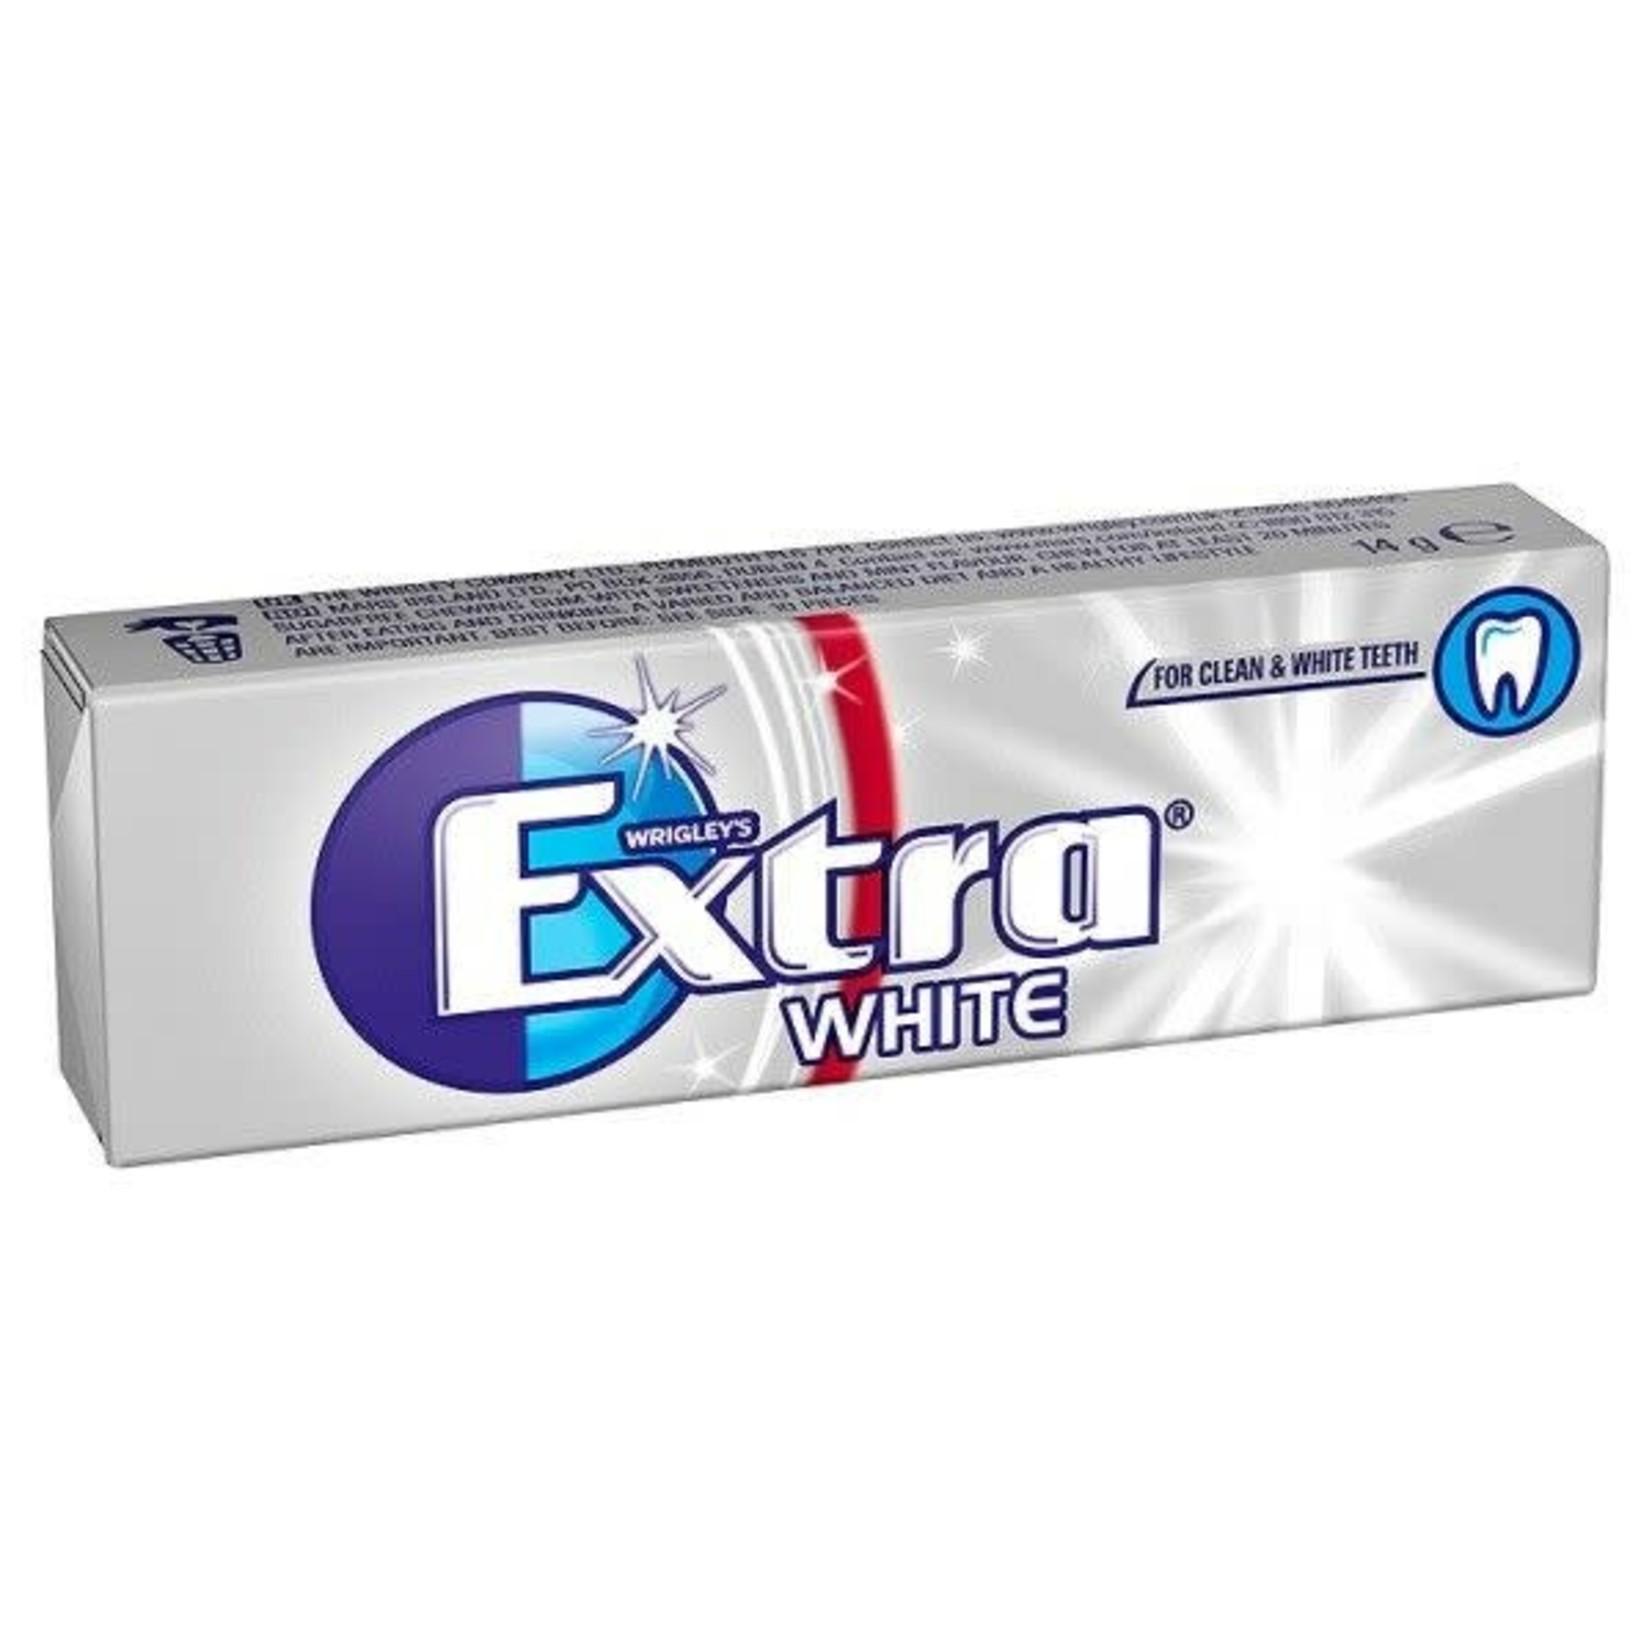 Wrigley's Extra, White Flavour, 10 pieces